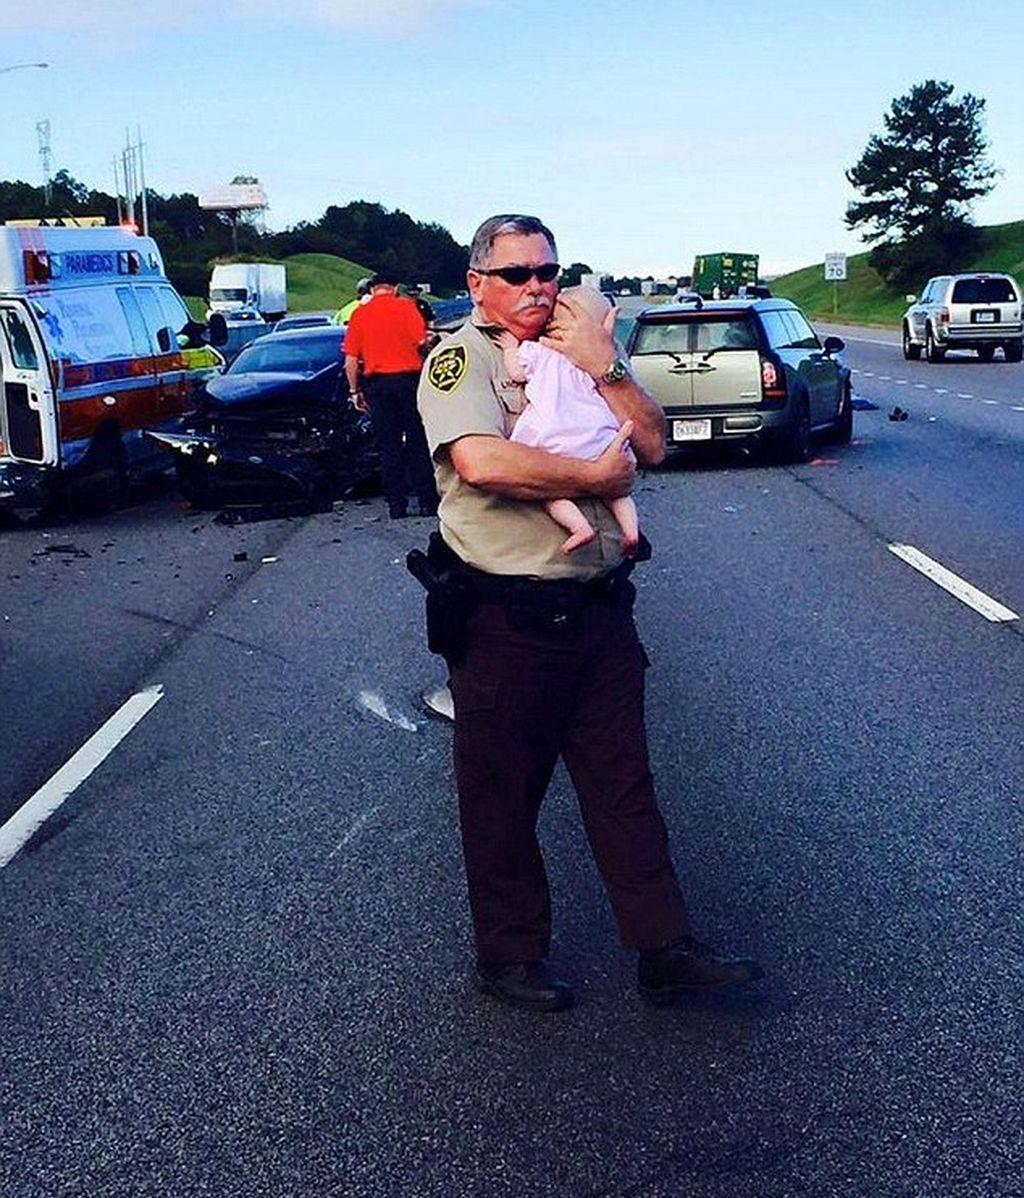 El policía que consuela a un bebé tras un accidente de tráfico, se vuelve viral